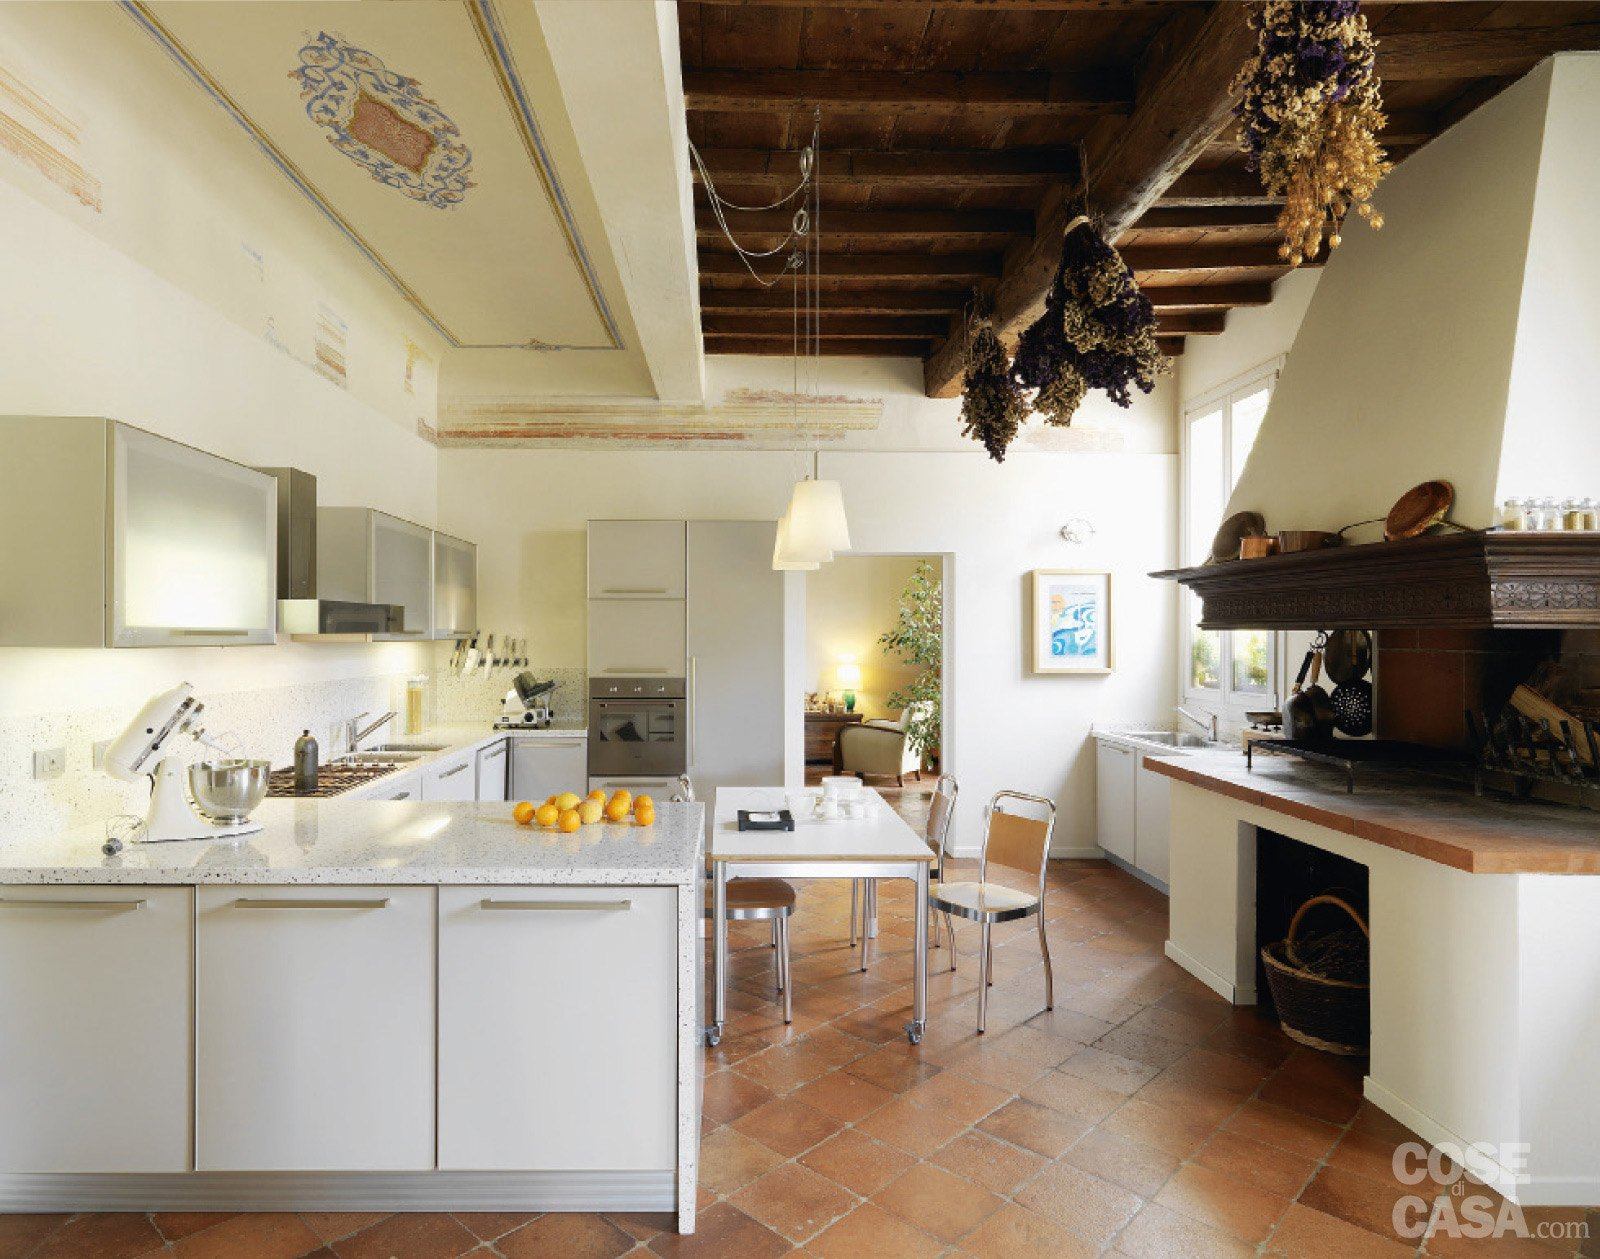 Casa Classica. Con Finiture E Mobili D'epoca Cose Di Casa #B78C14 1600 1259 Come Arredare Cucina Con Travi A Vista